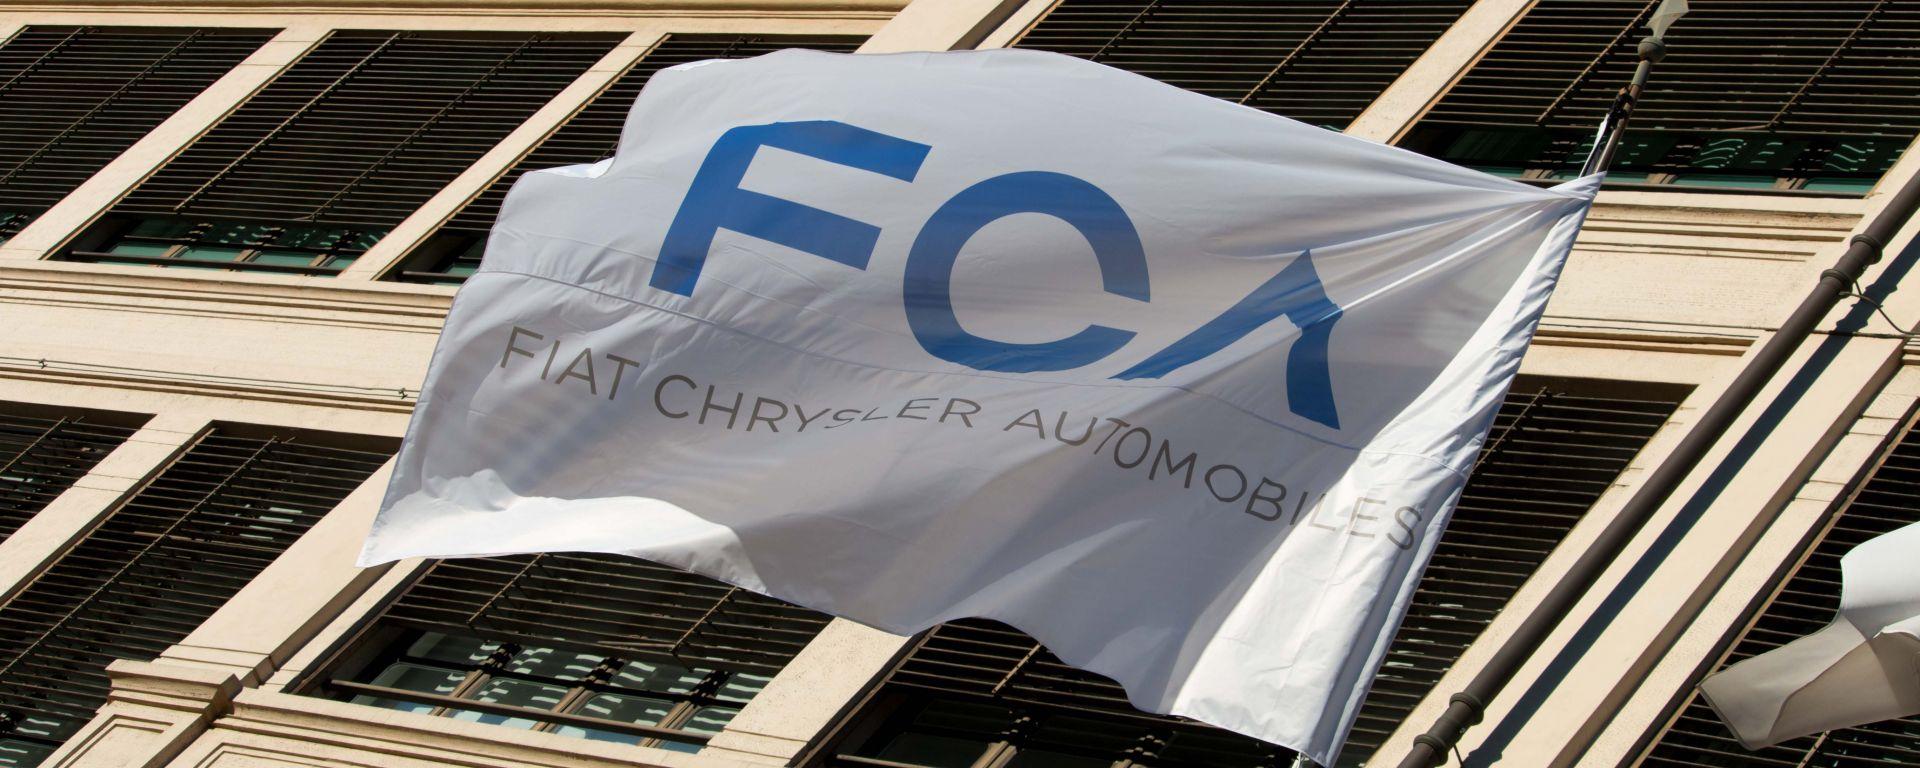 FCA è stata citata in giudizio negli USA